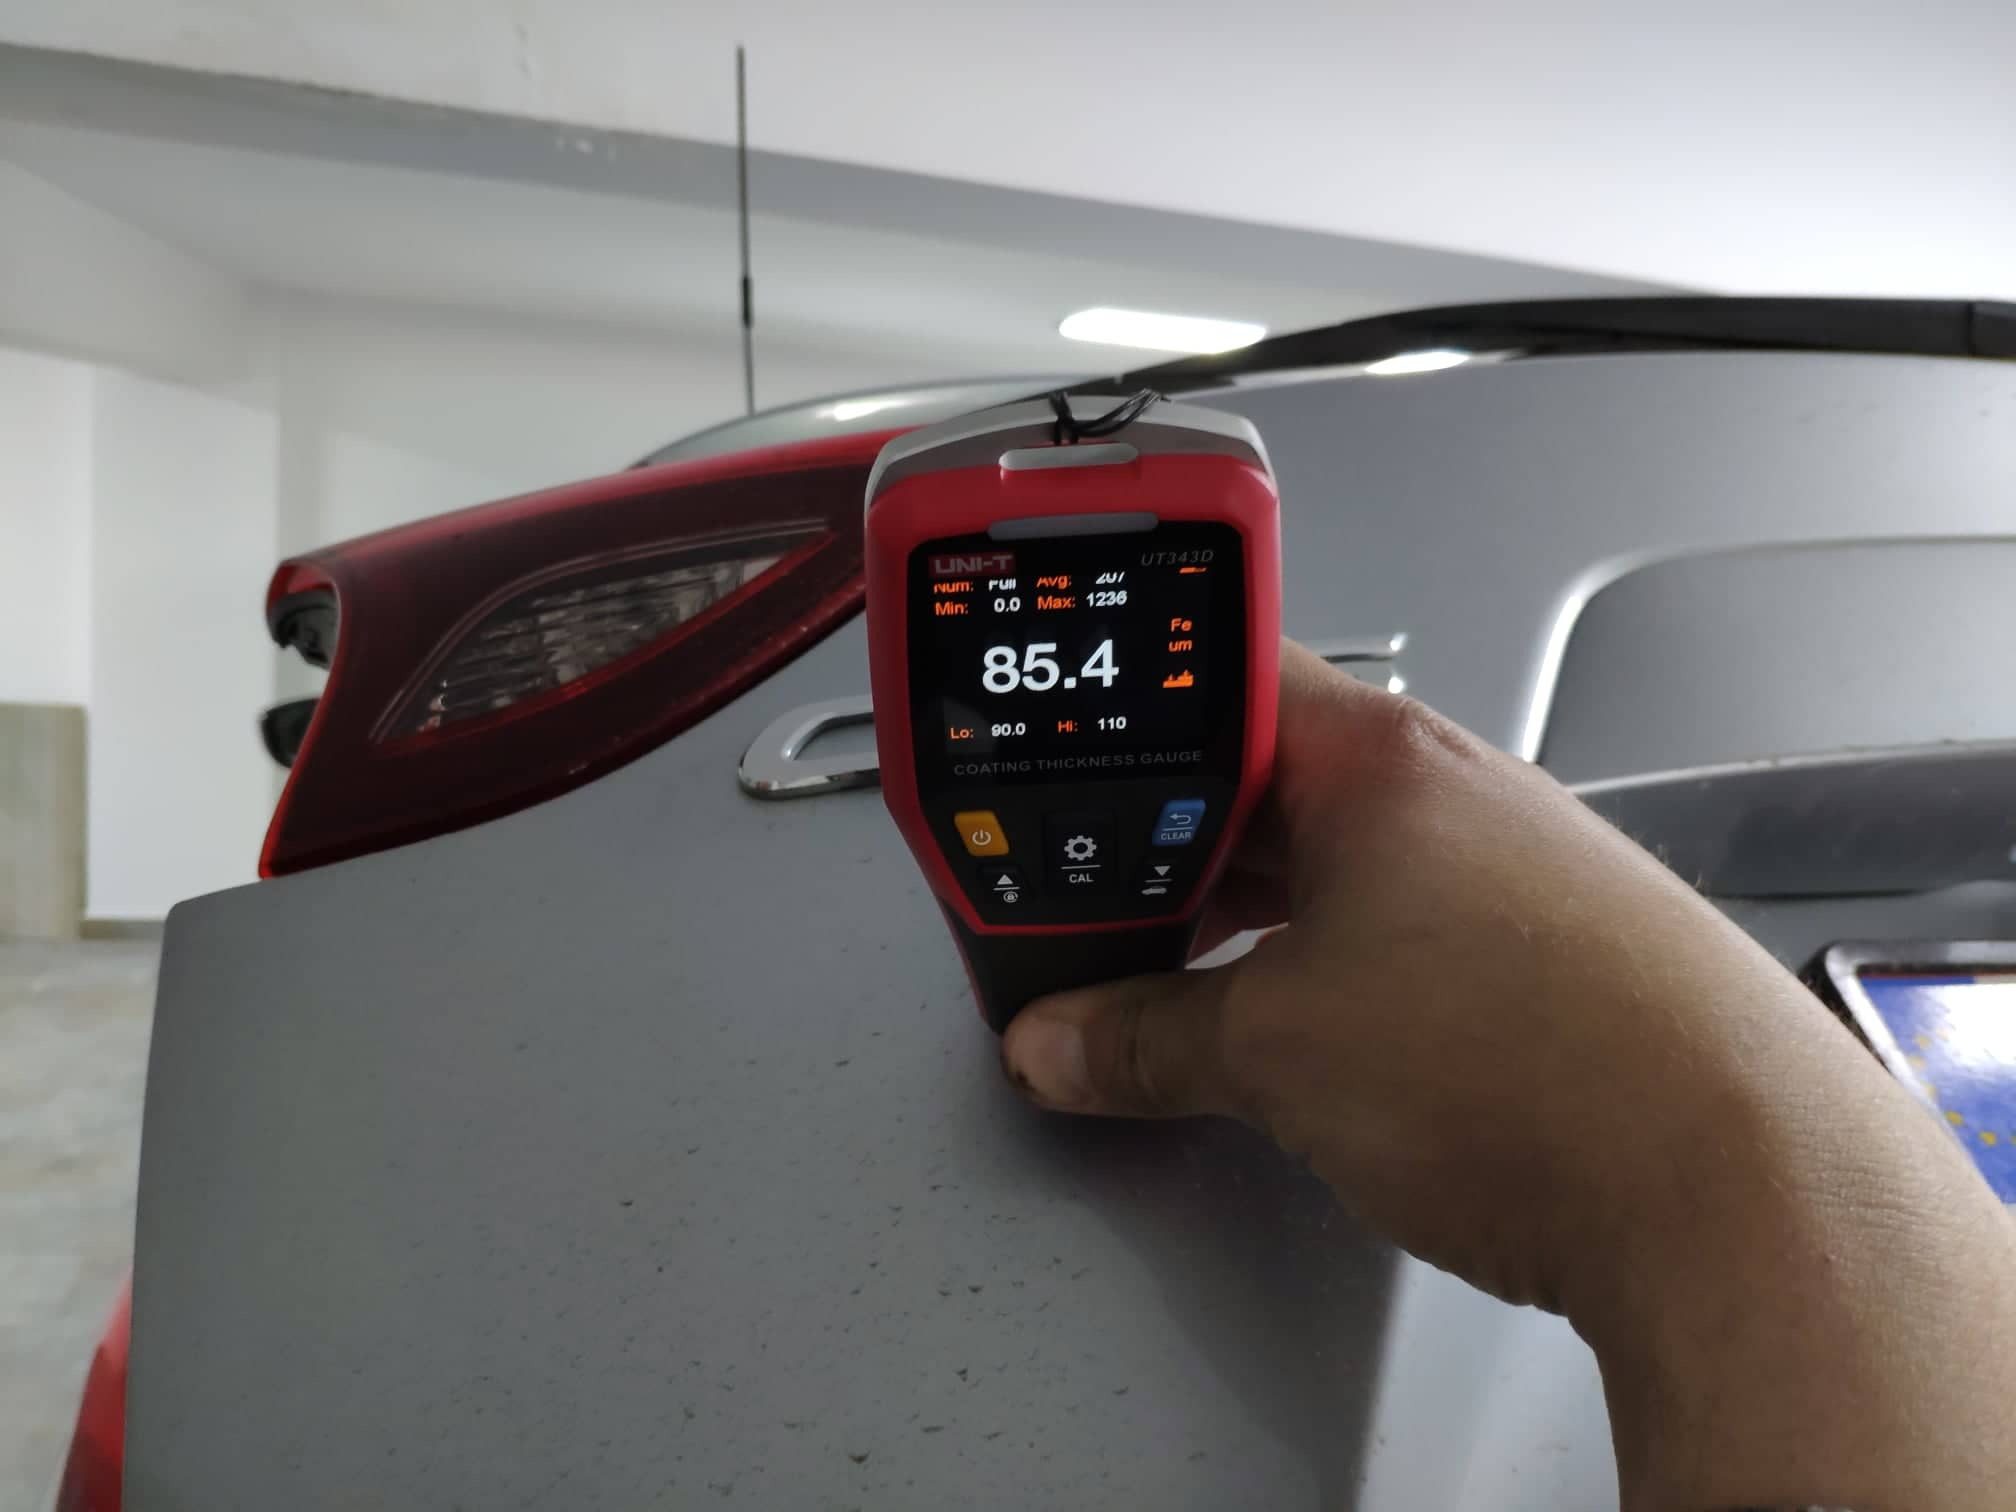 verificare masina second hand mazda cx-5 verificare strat vopsea